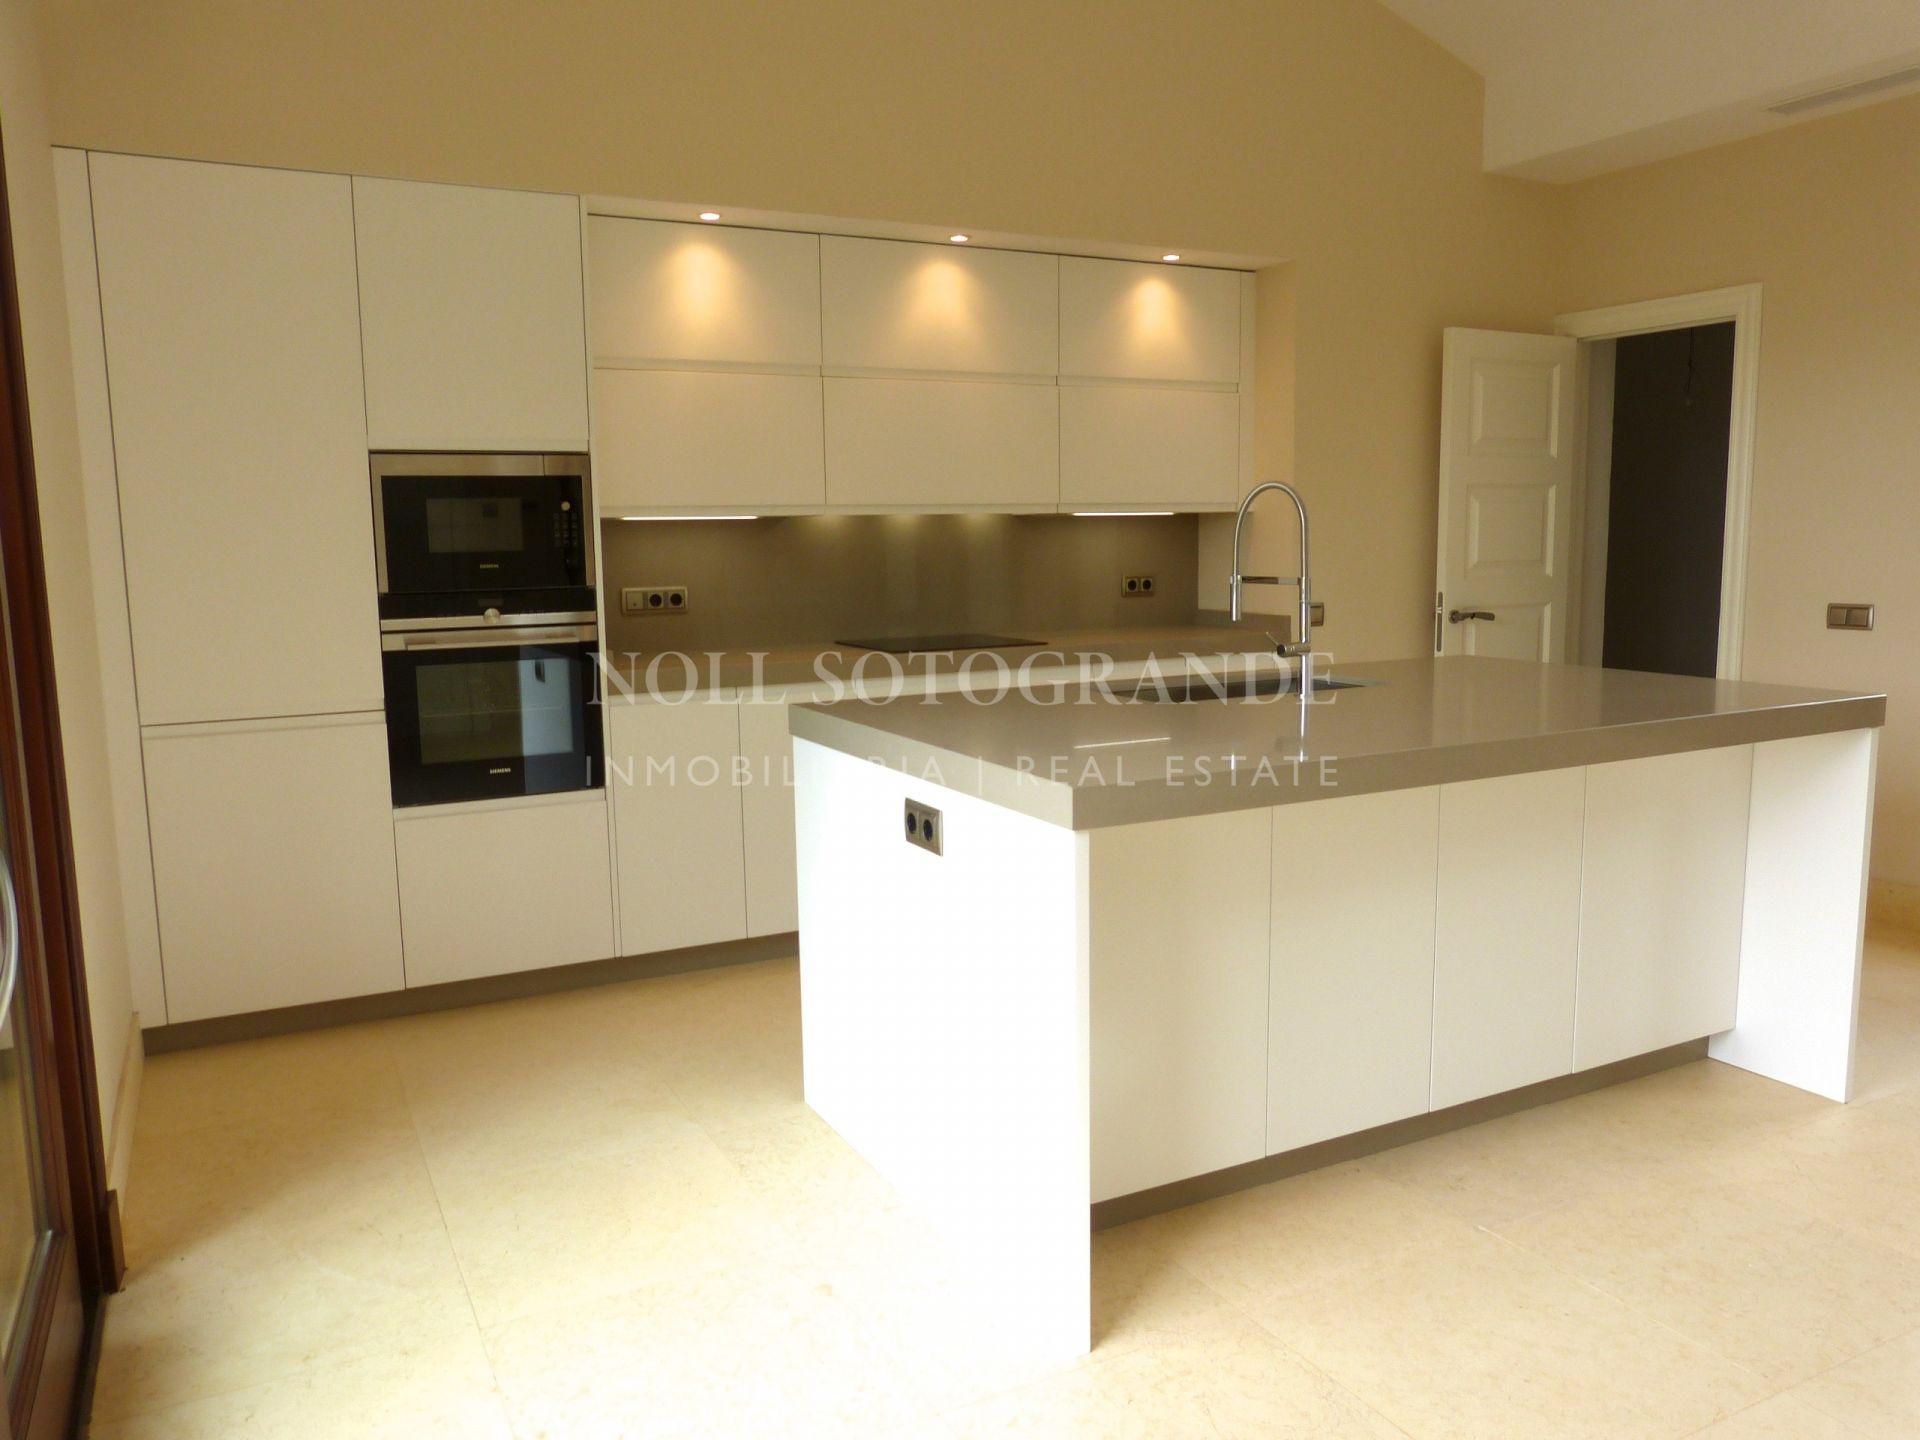 Elegant top quality villa for rent in Los Altos de Valderrama Sotogrande